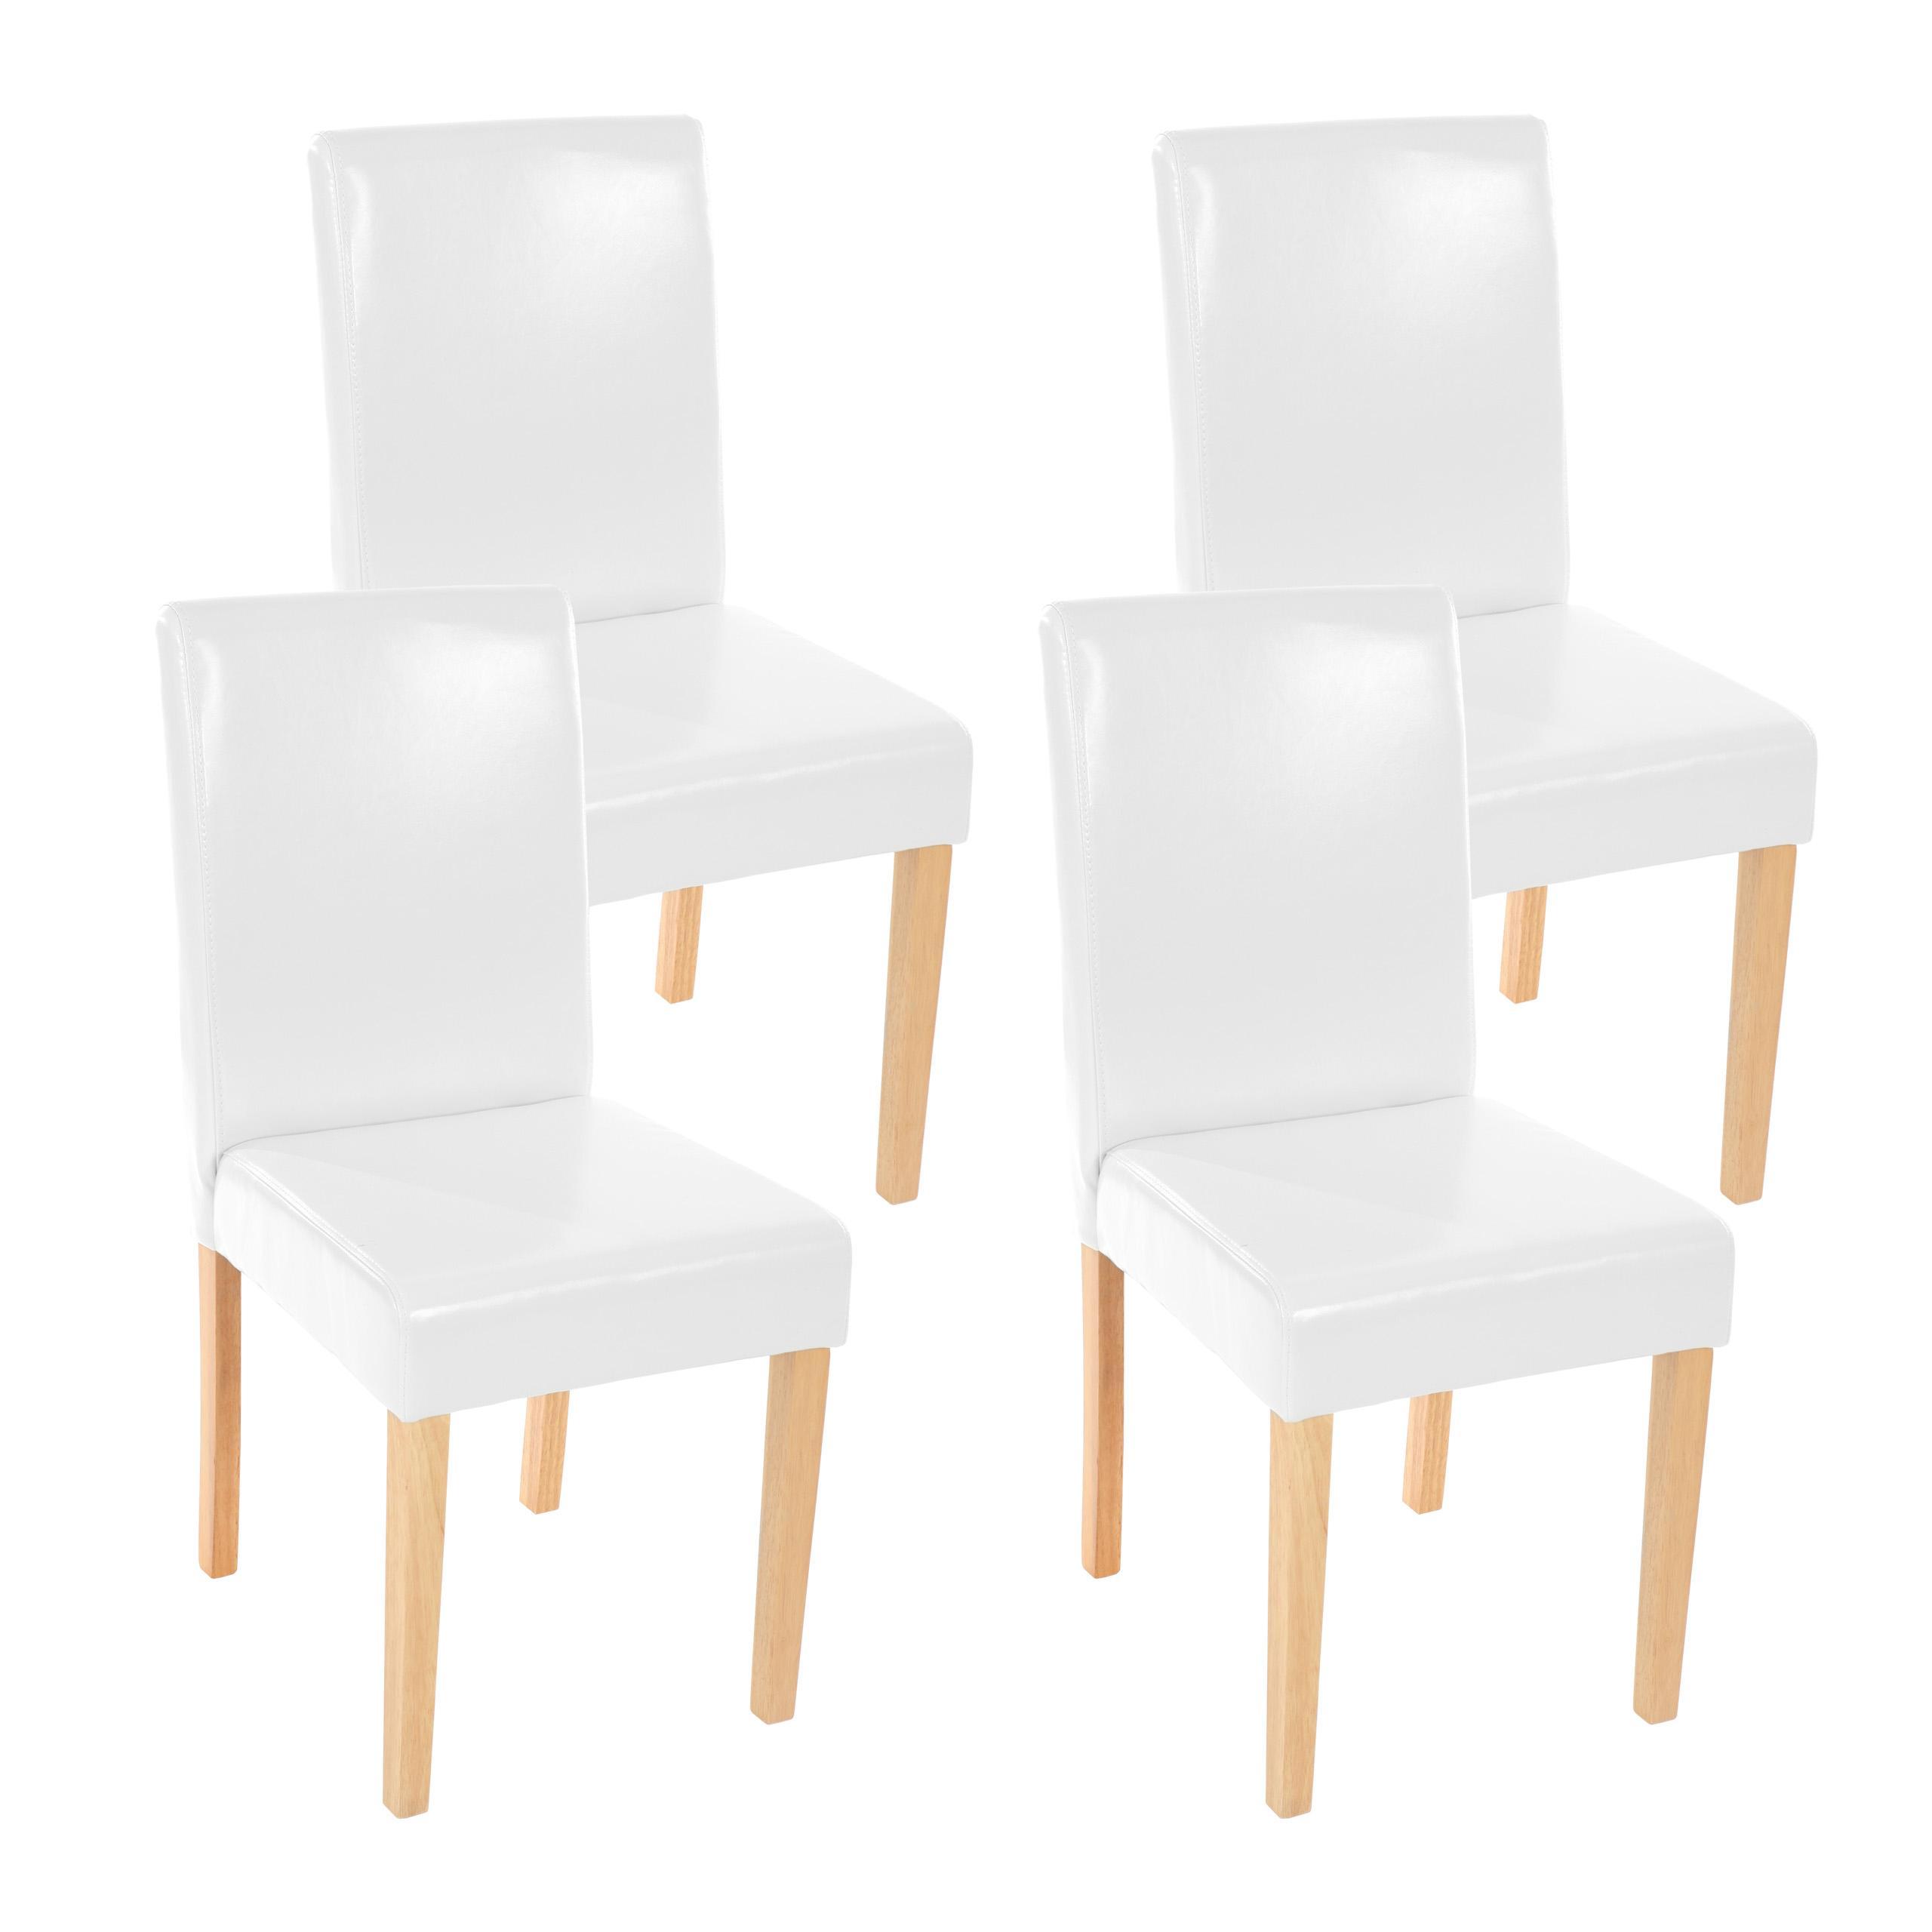 Lote 4 sillas comedor litau piel natural blanca y patas - Sillas comedor piel ...